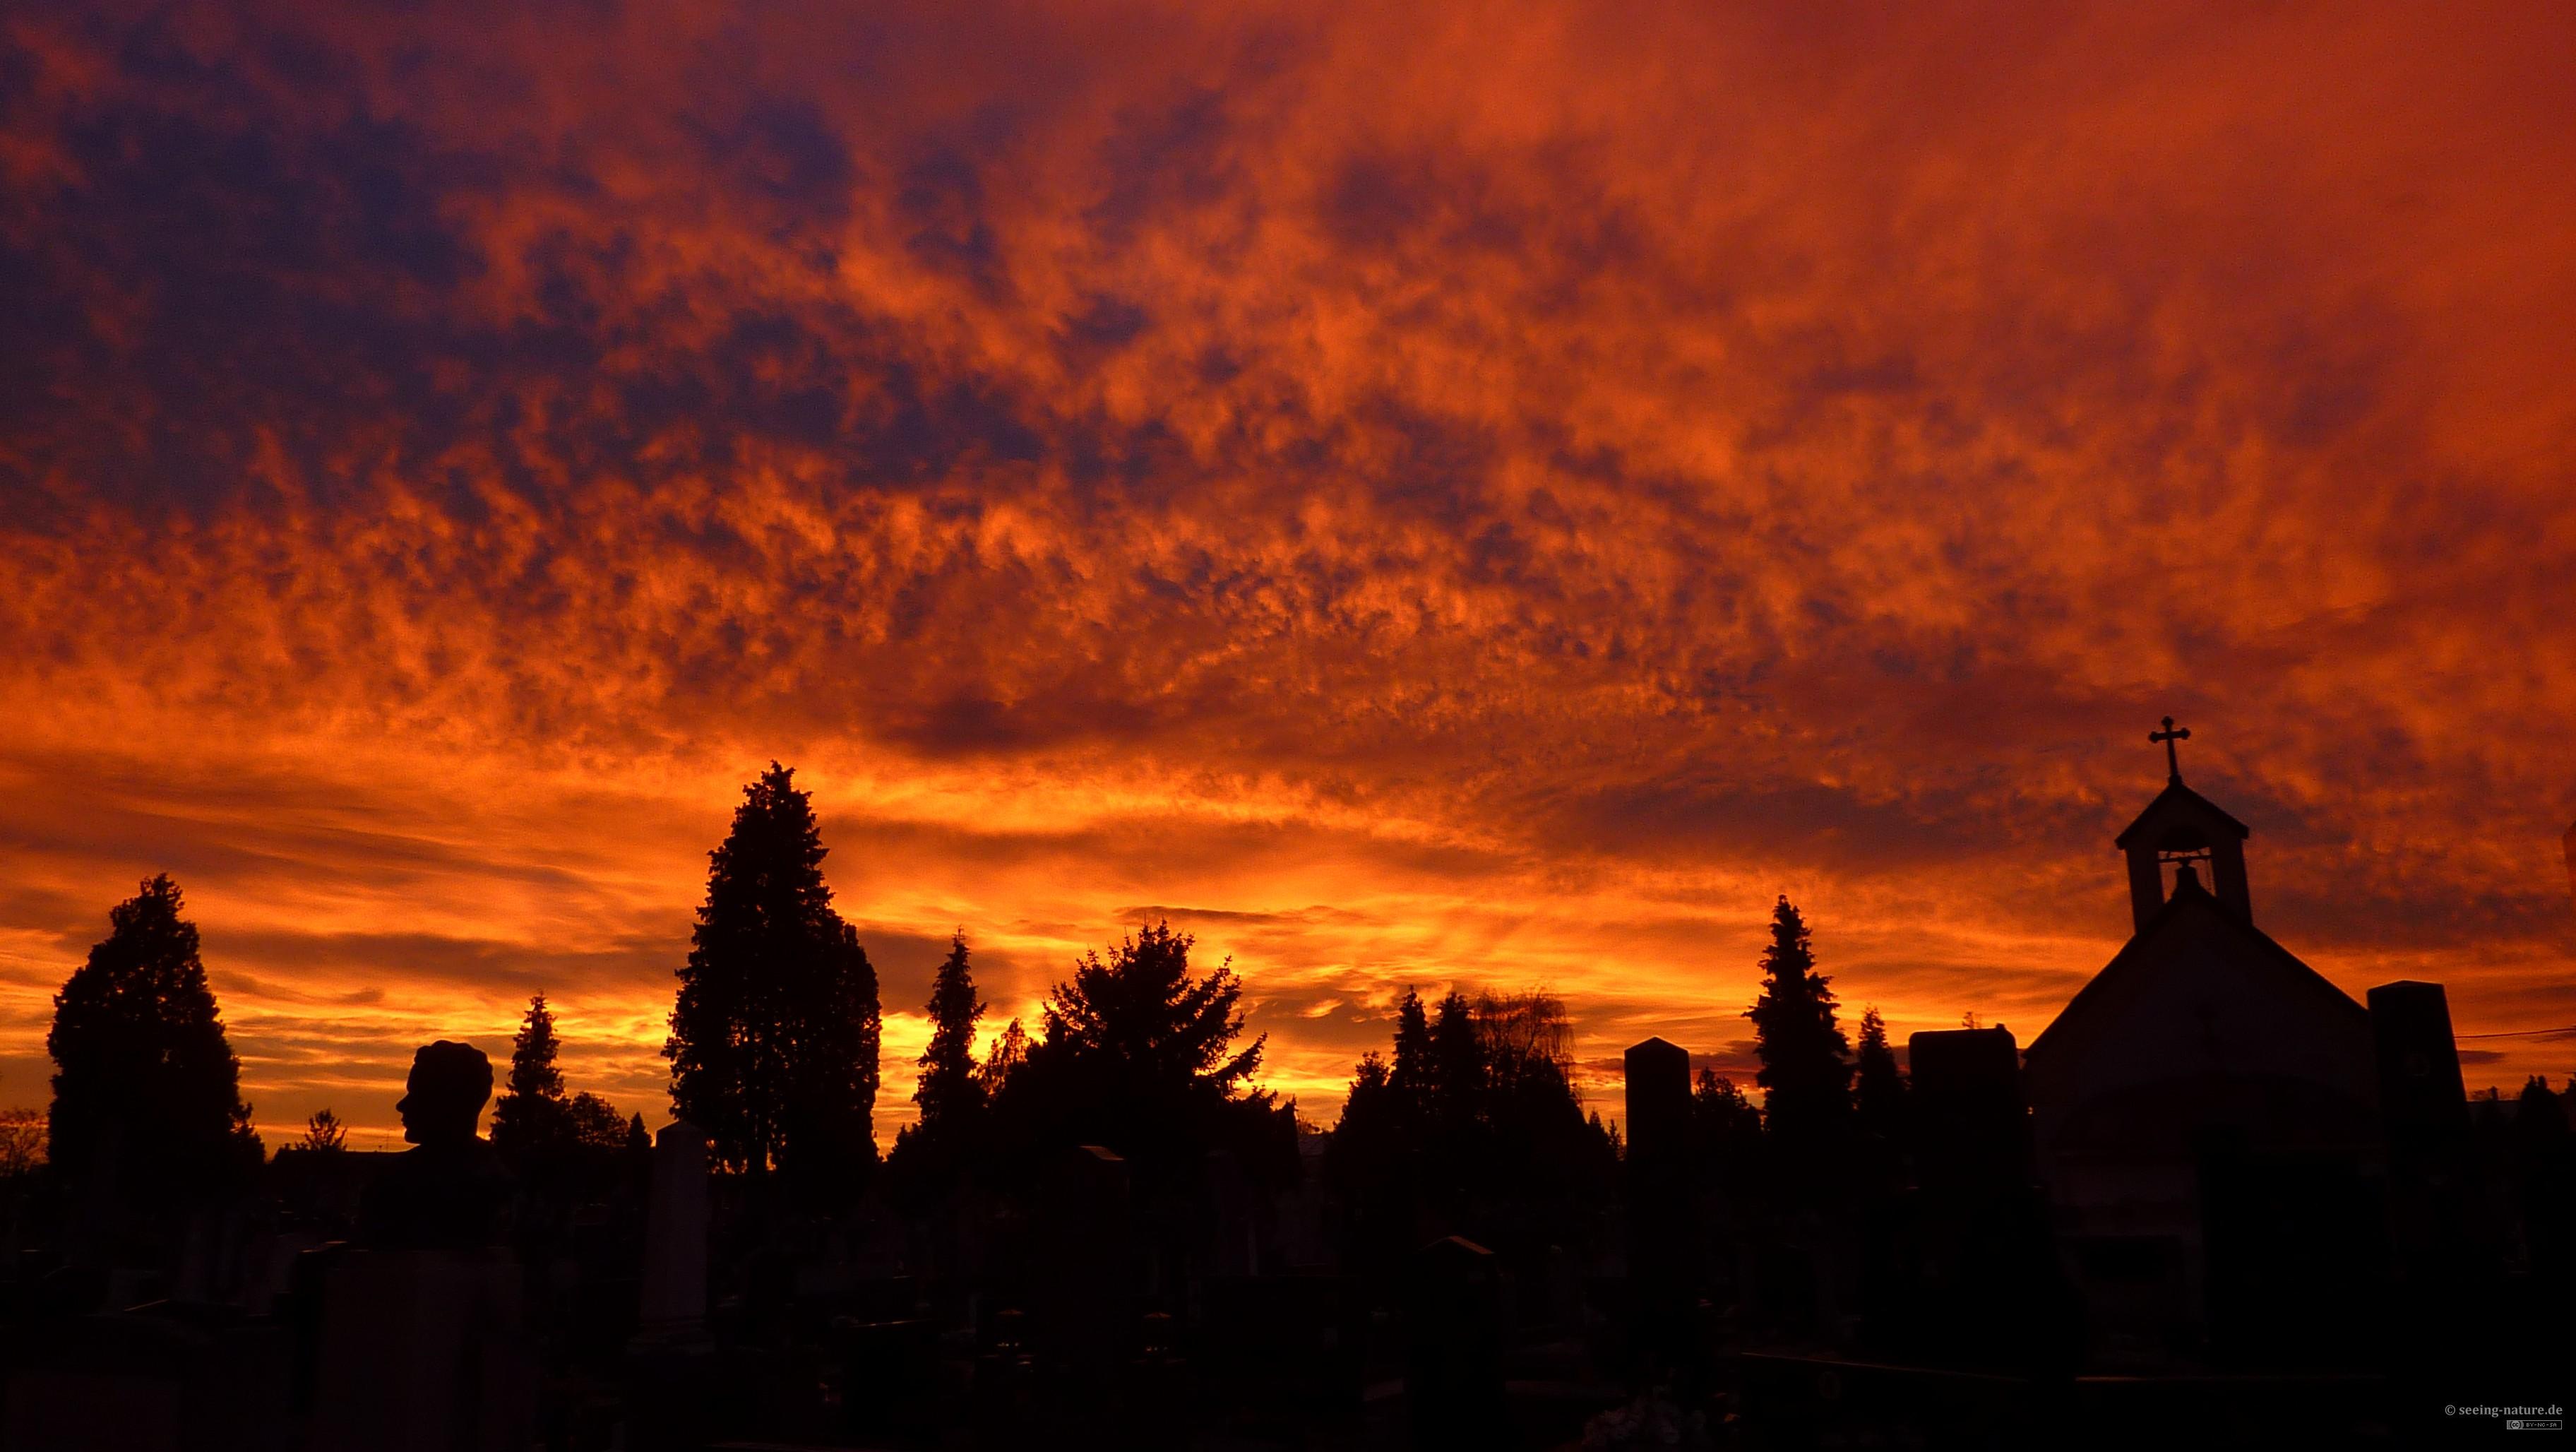 Burning Sky / Nebeska stihija